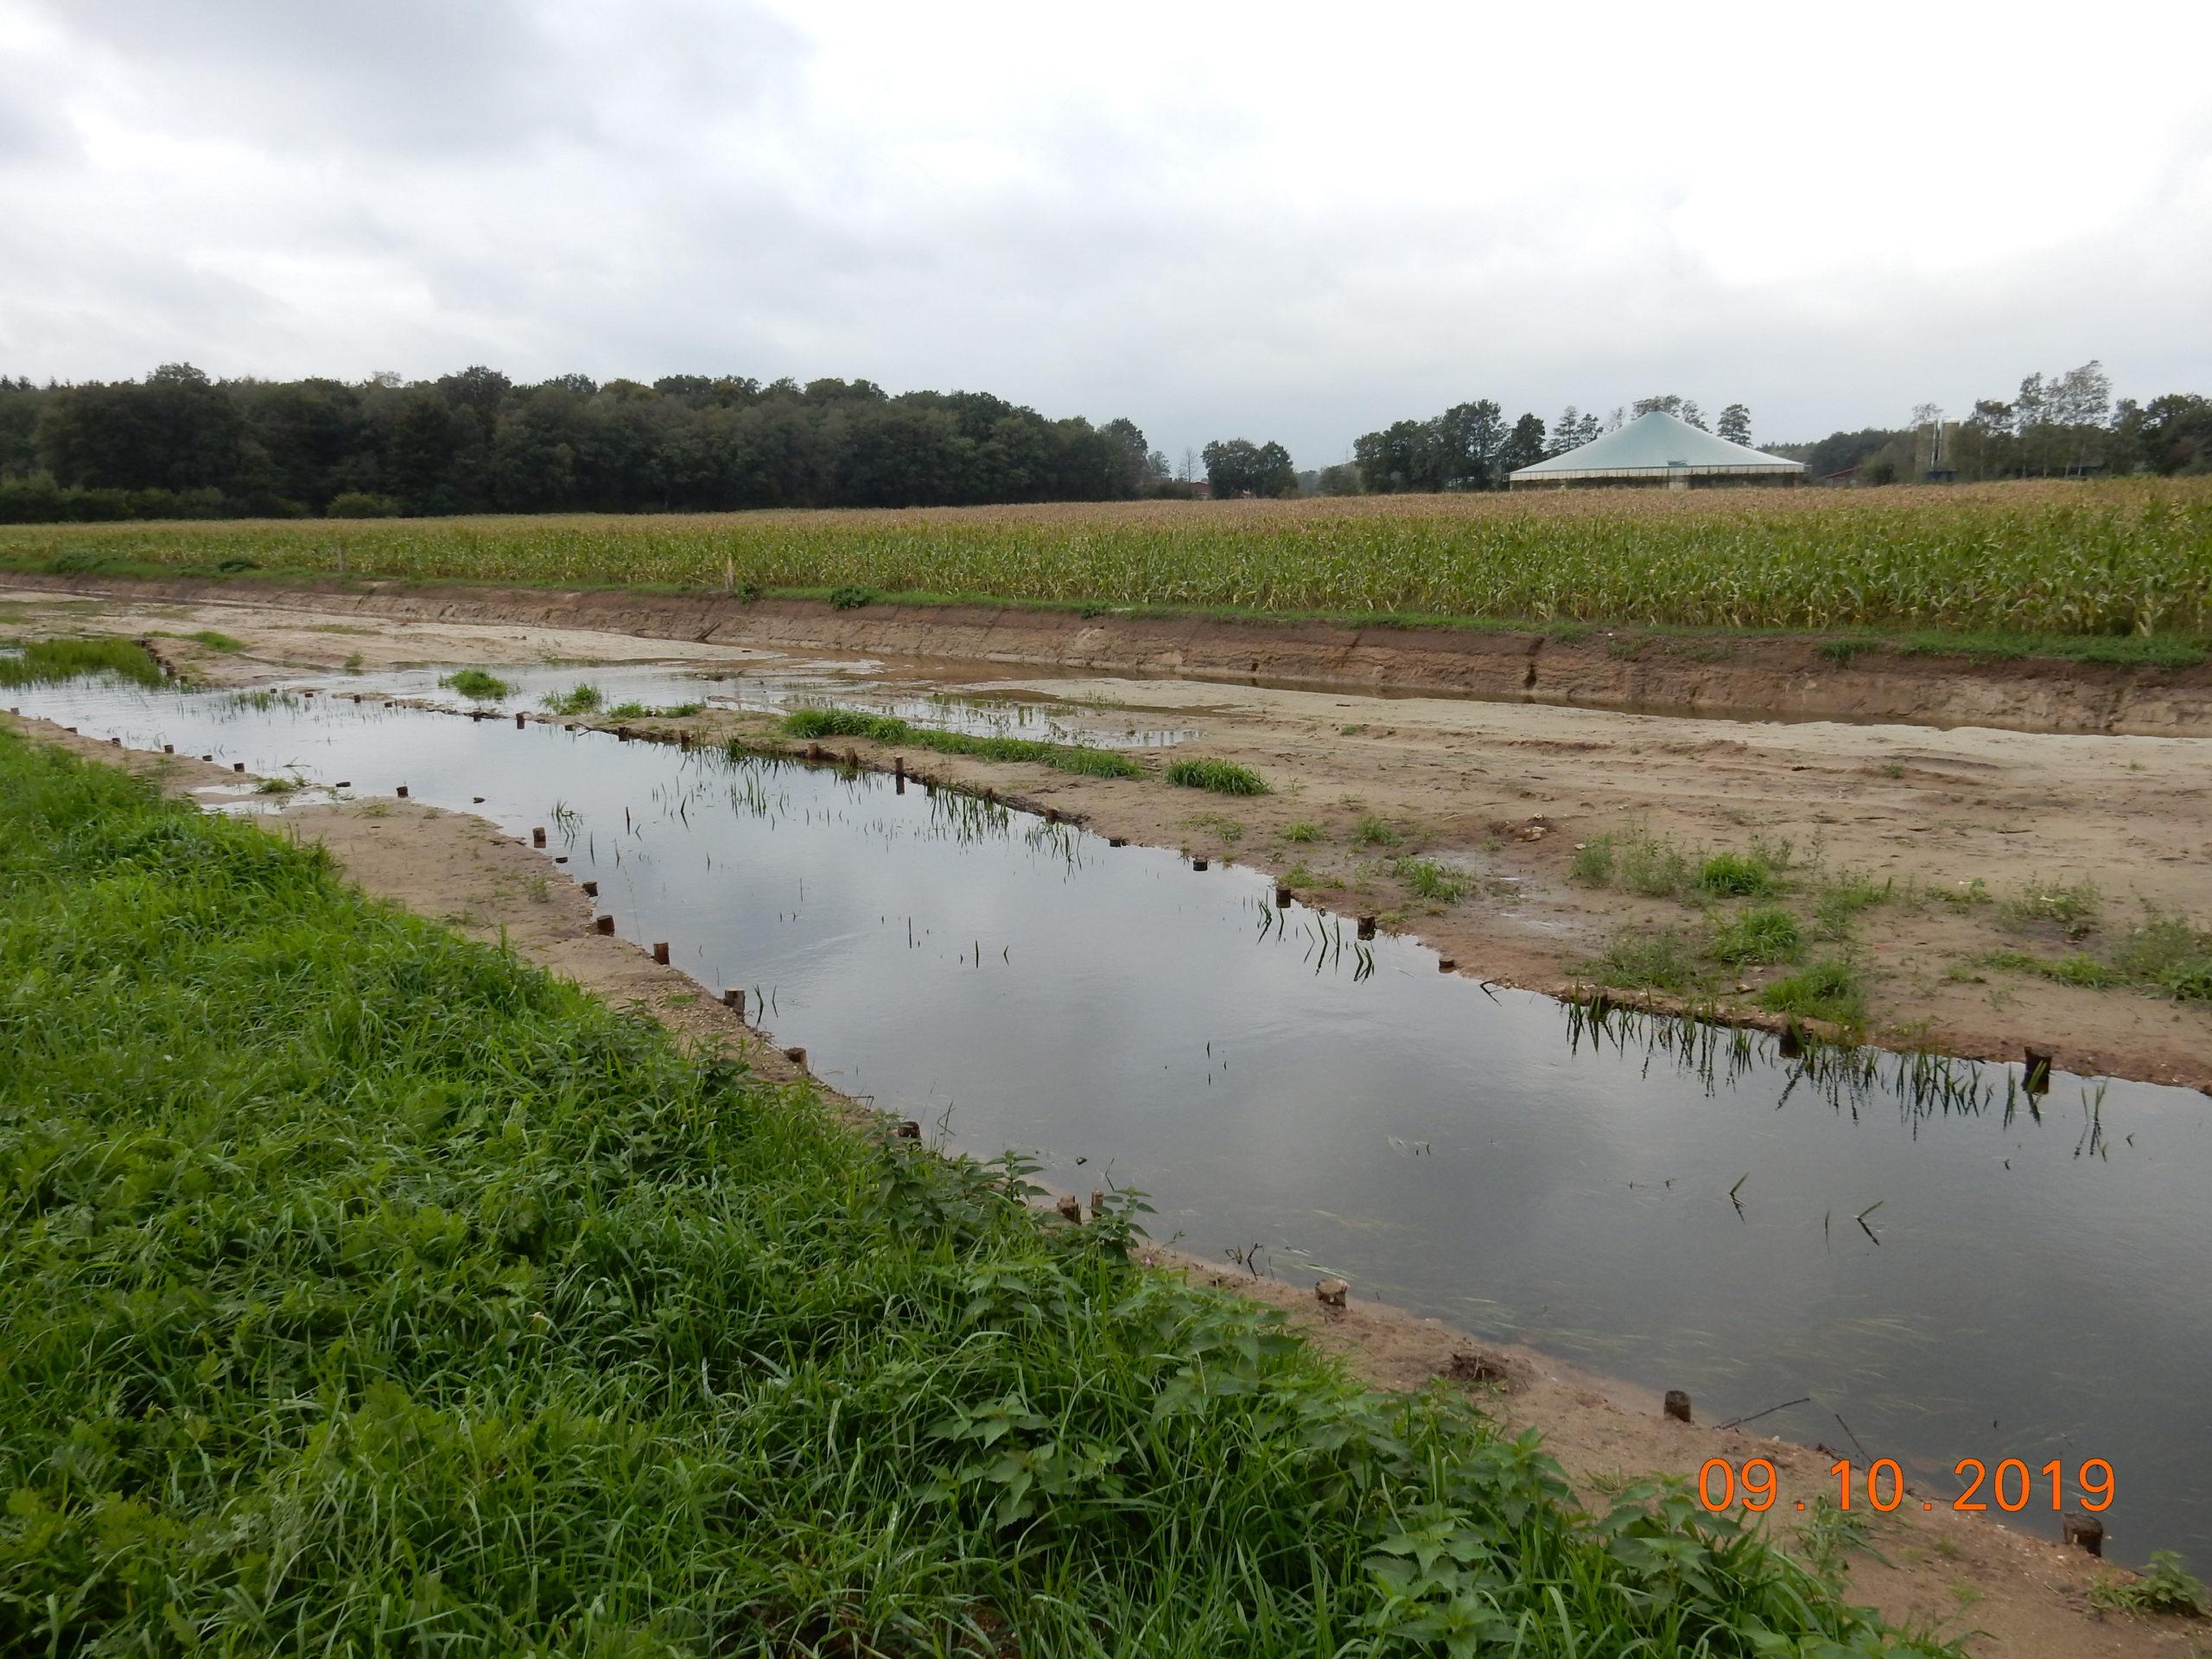 Blick gegen die Fließrichtung bei erhöhten Wasserständen